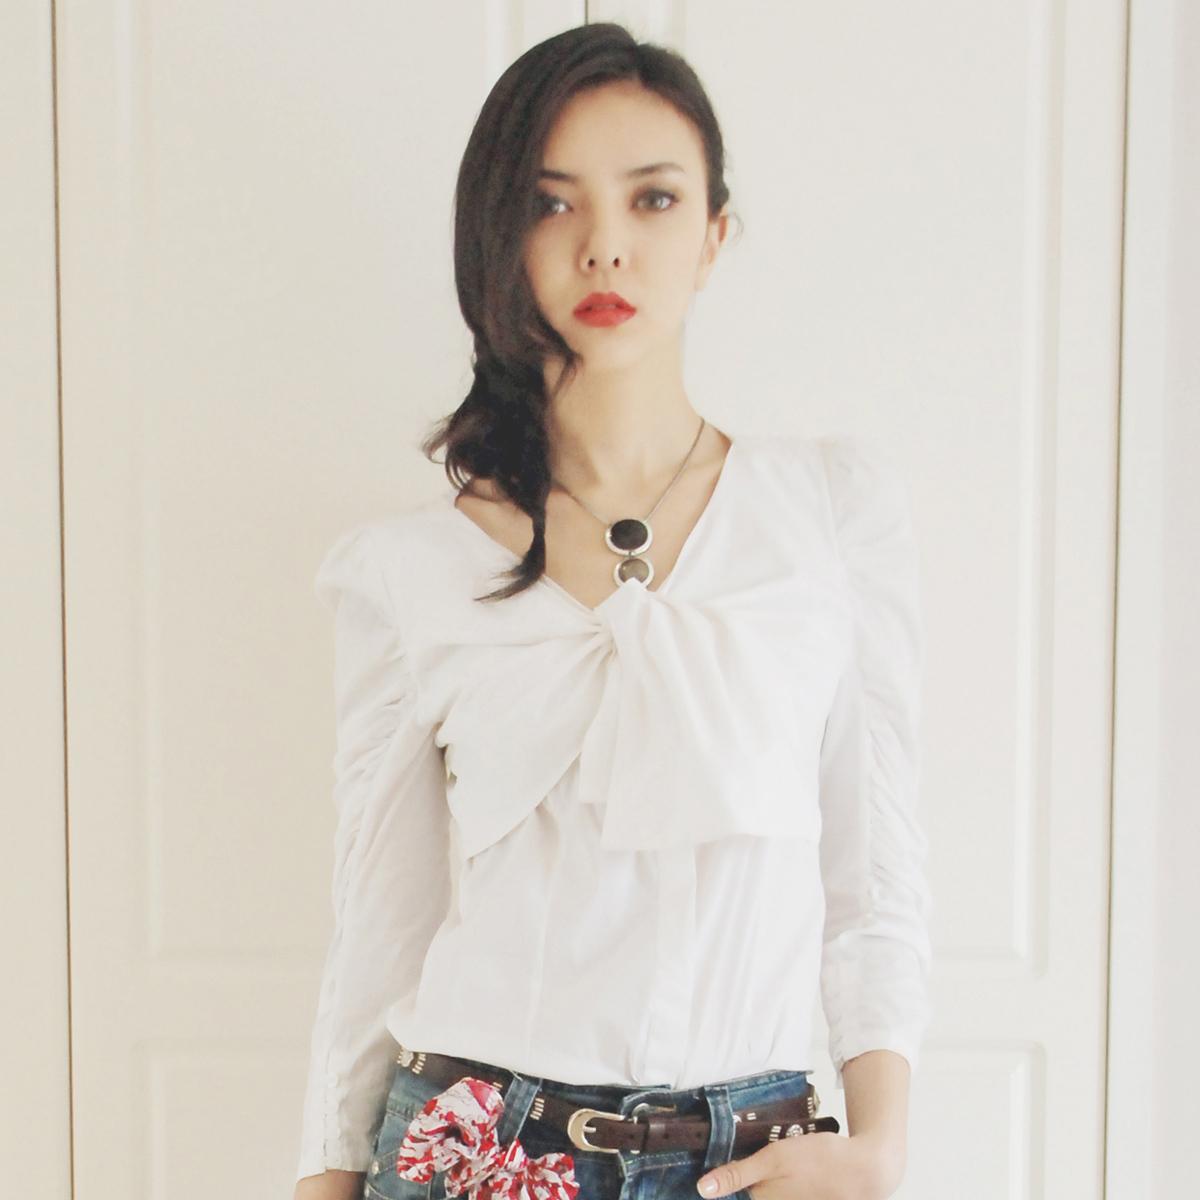 женская рубашка MATCHE mk111045 Длинный рукав Однотонный цвет Осень 2012 V-образный вырез